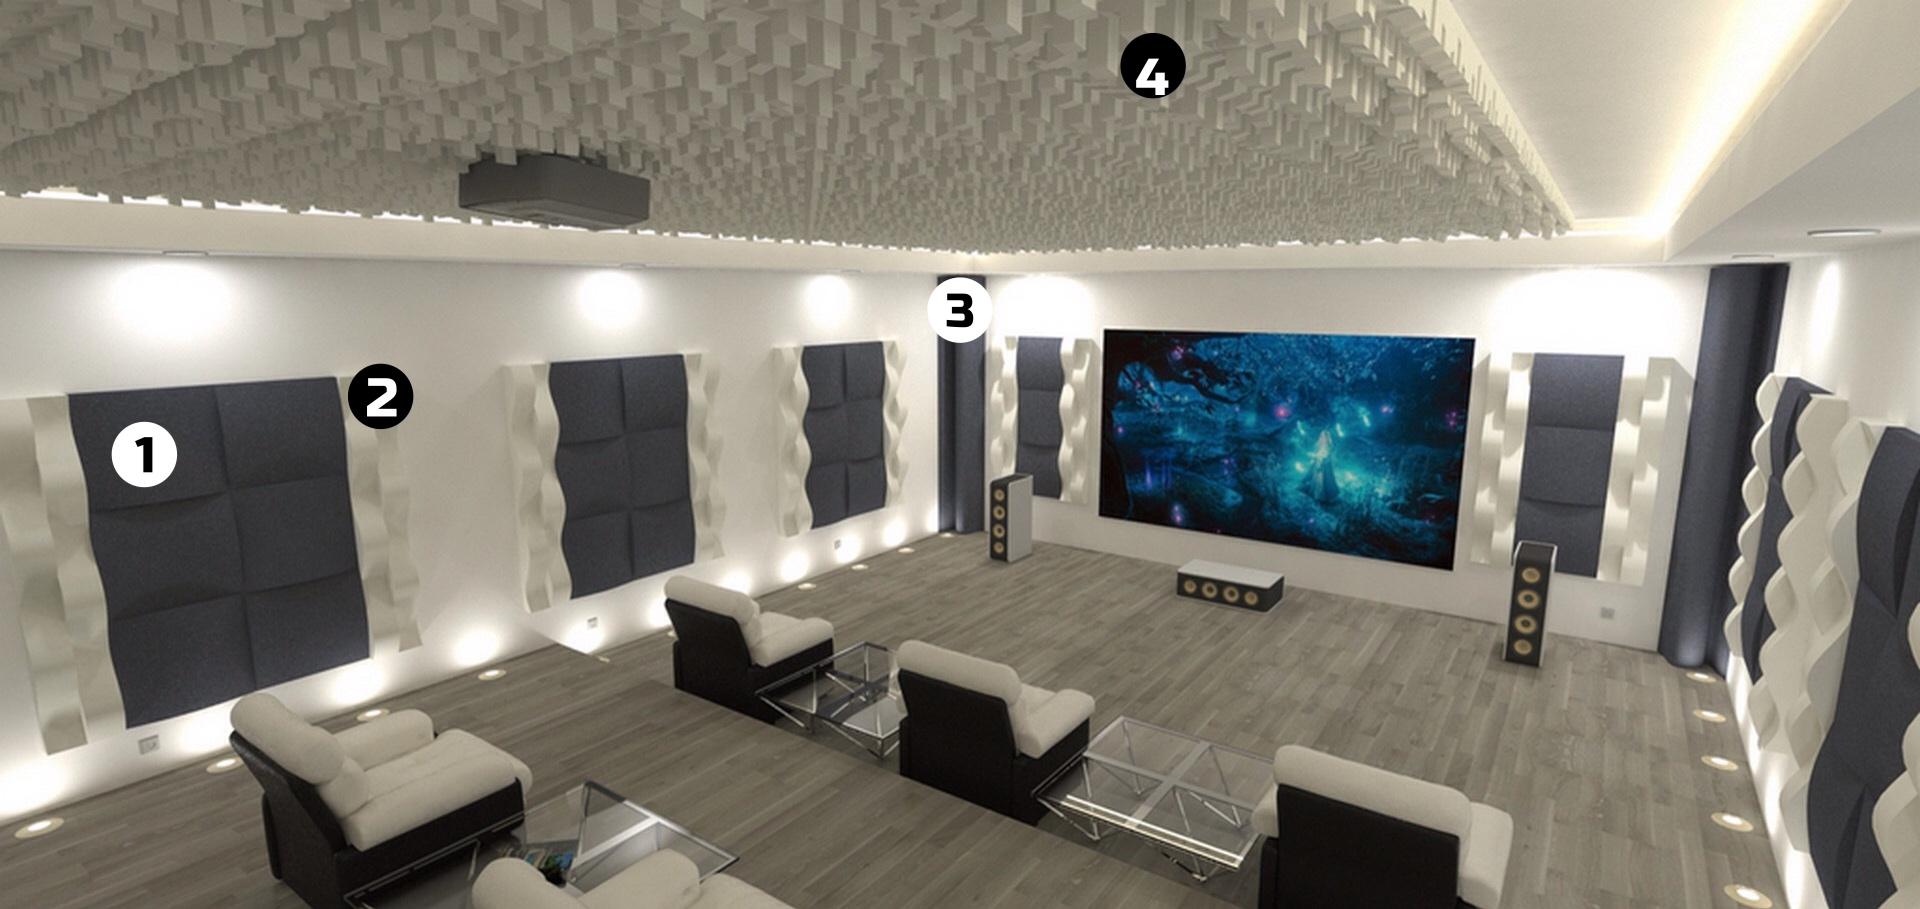 Acondicionamiento acustico sala home-cinema